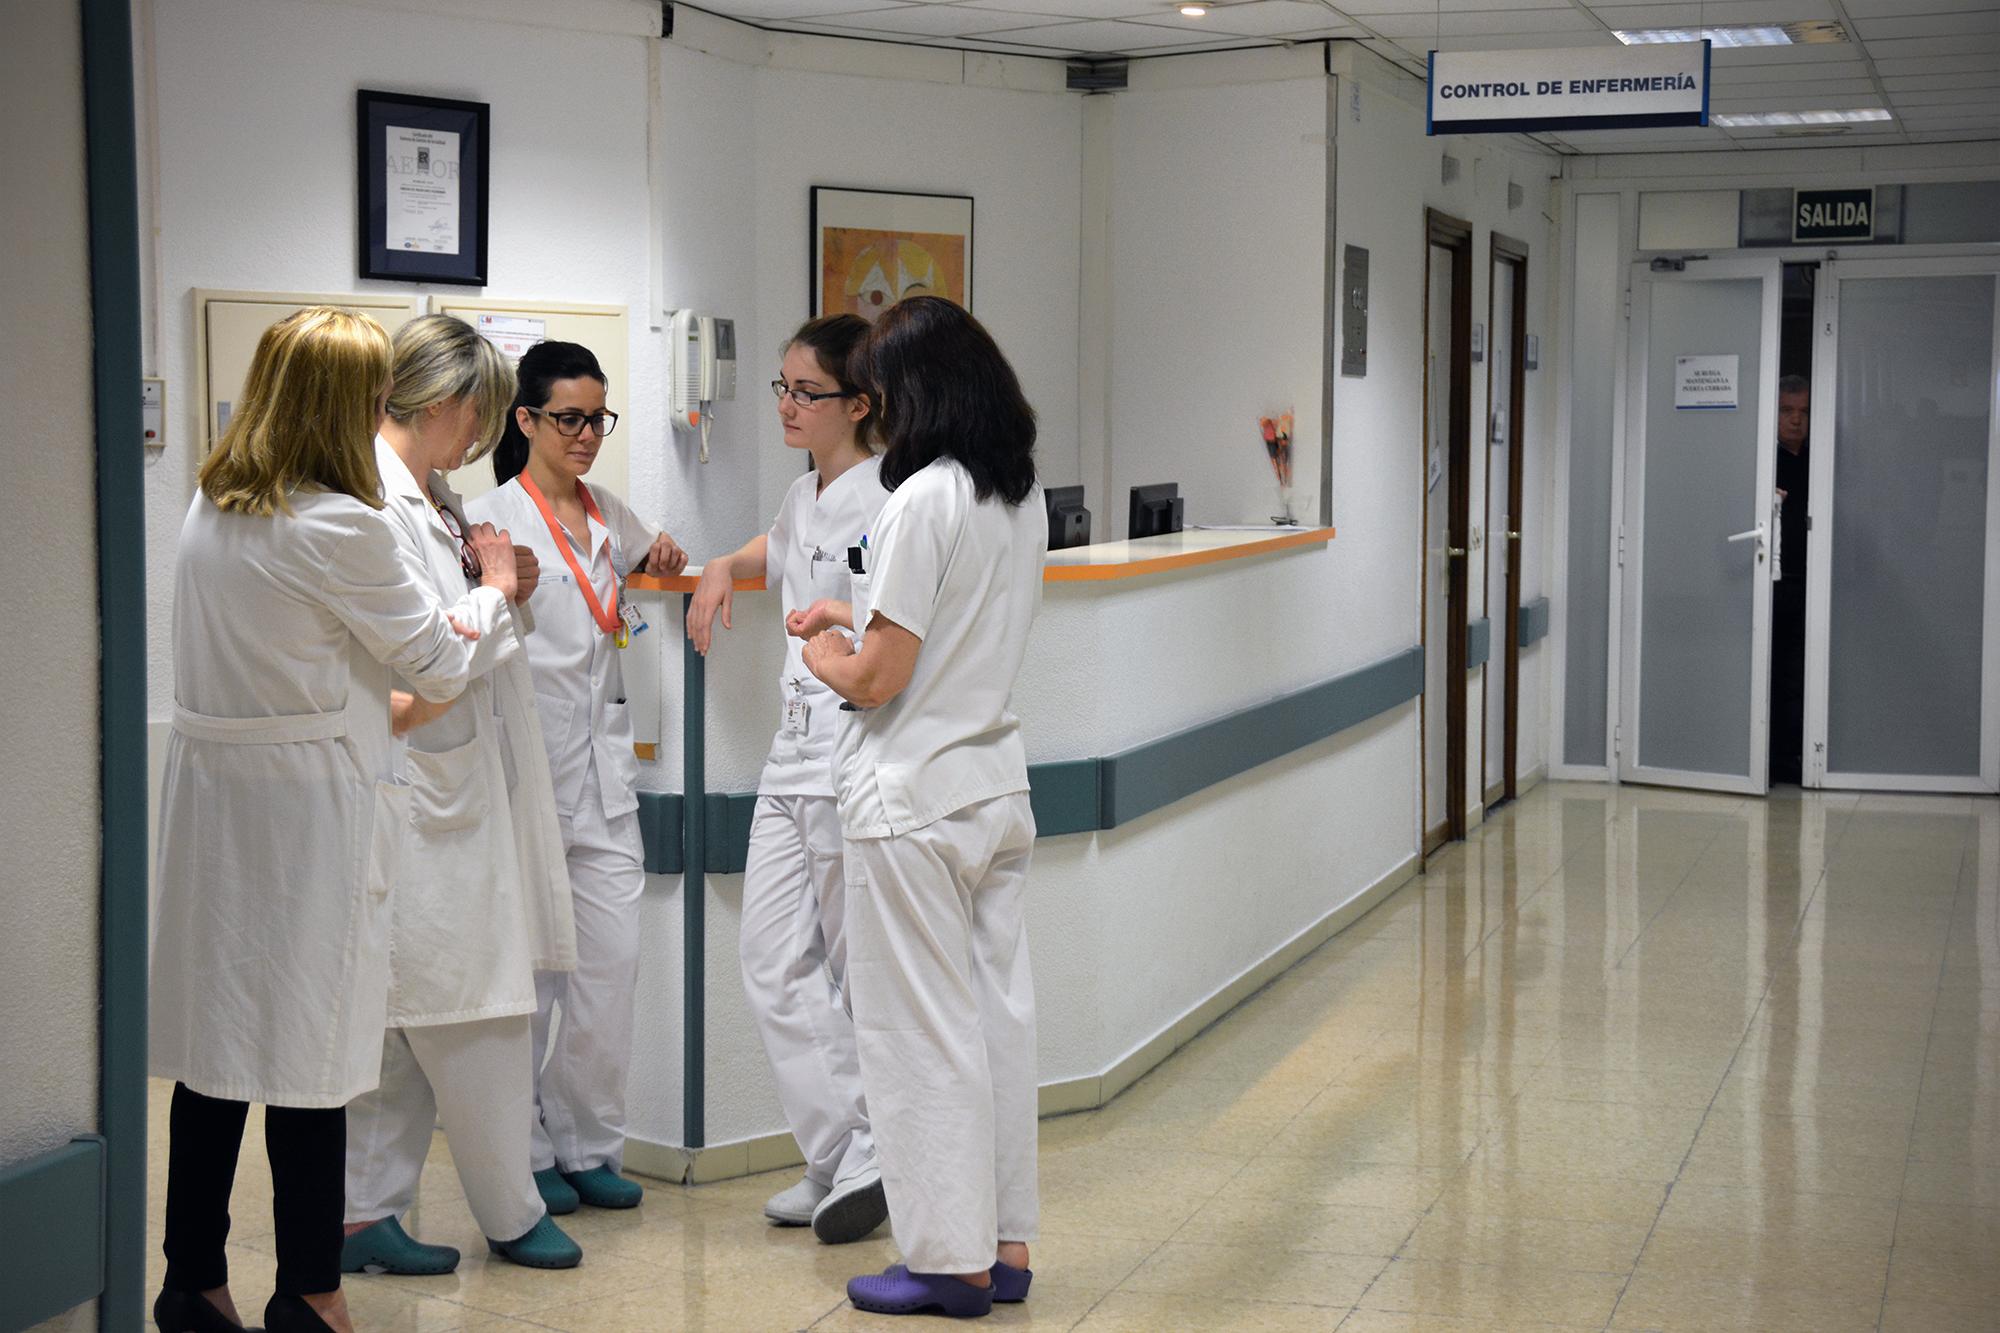 La enfermería apela a la historia de la profesión como ejemplo de lucha de la mujer por sus derechos